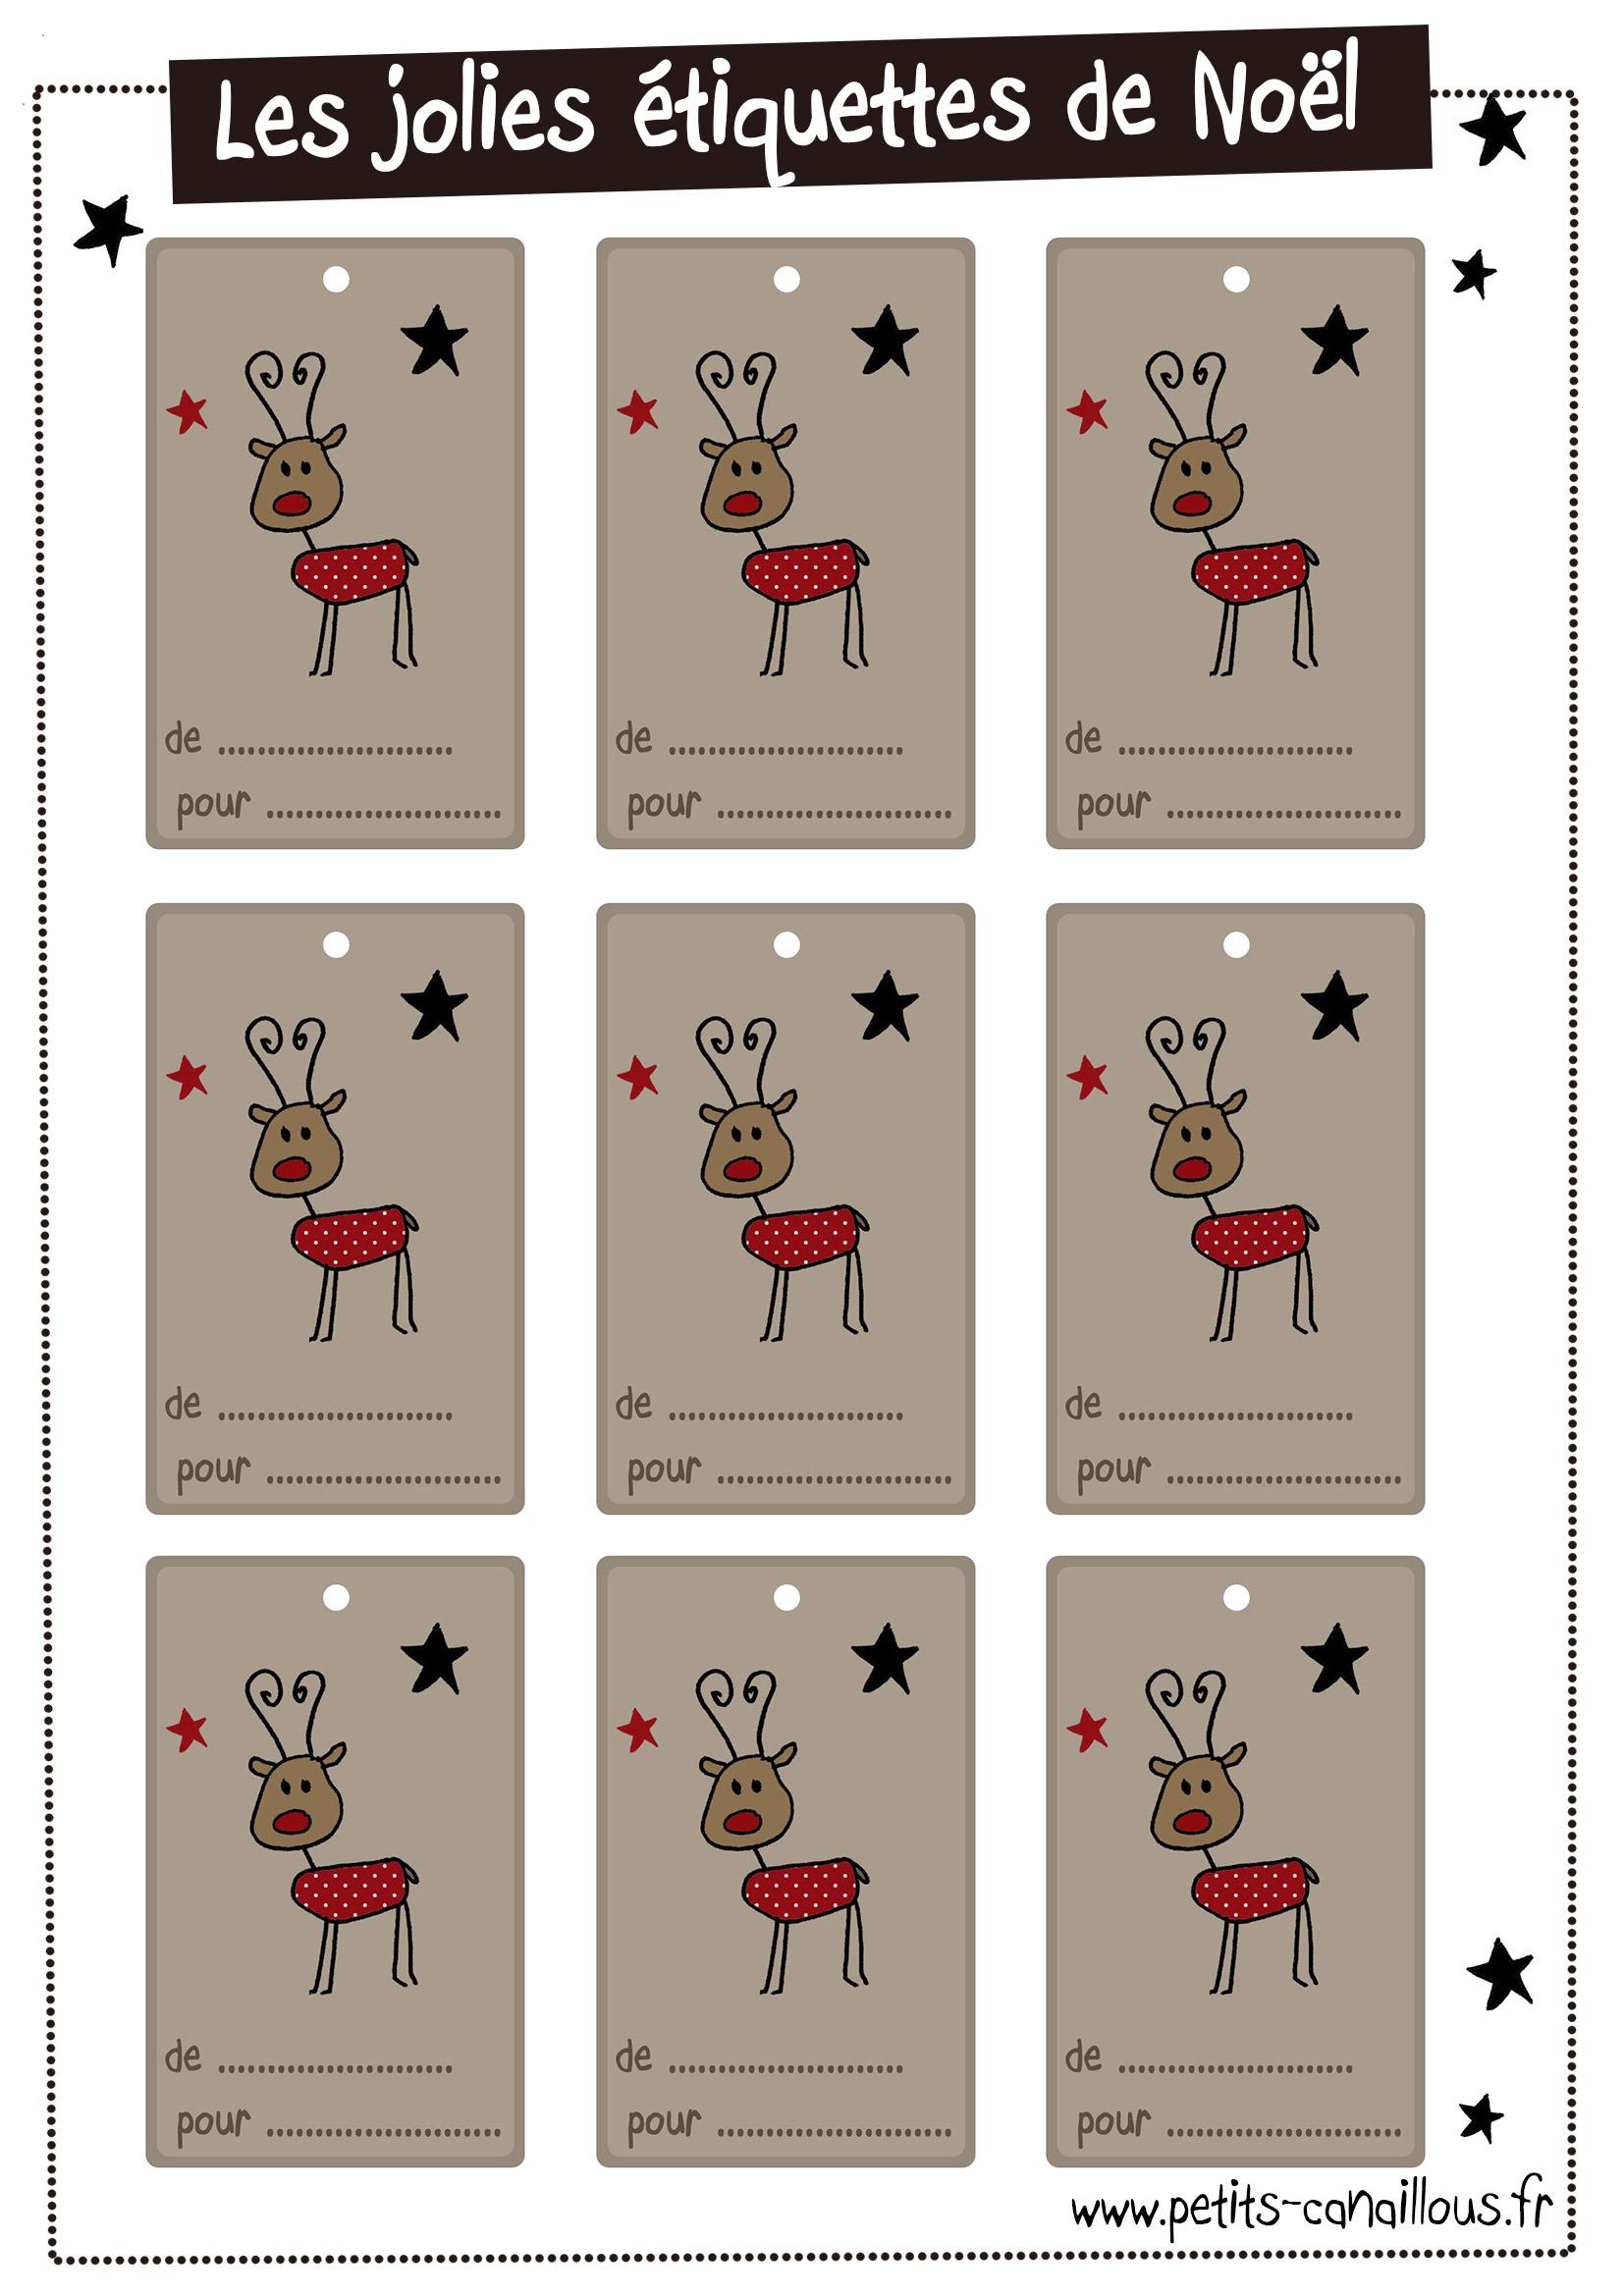 Diy Noël] 20 Planches D'étiquettes À Imprimer Gratuitement dedans Etiquette Noel A Imprimer